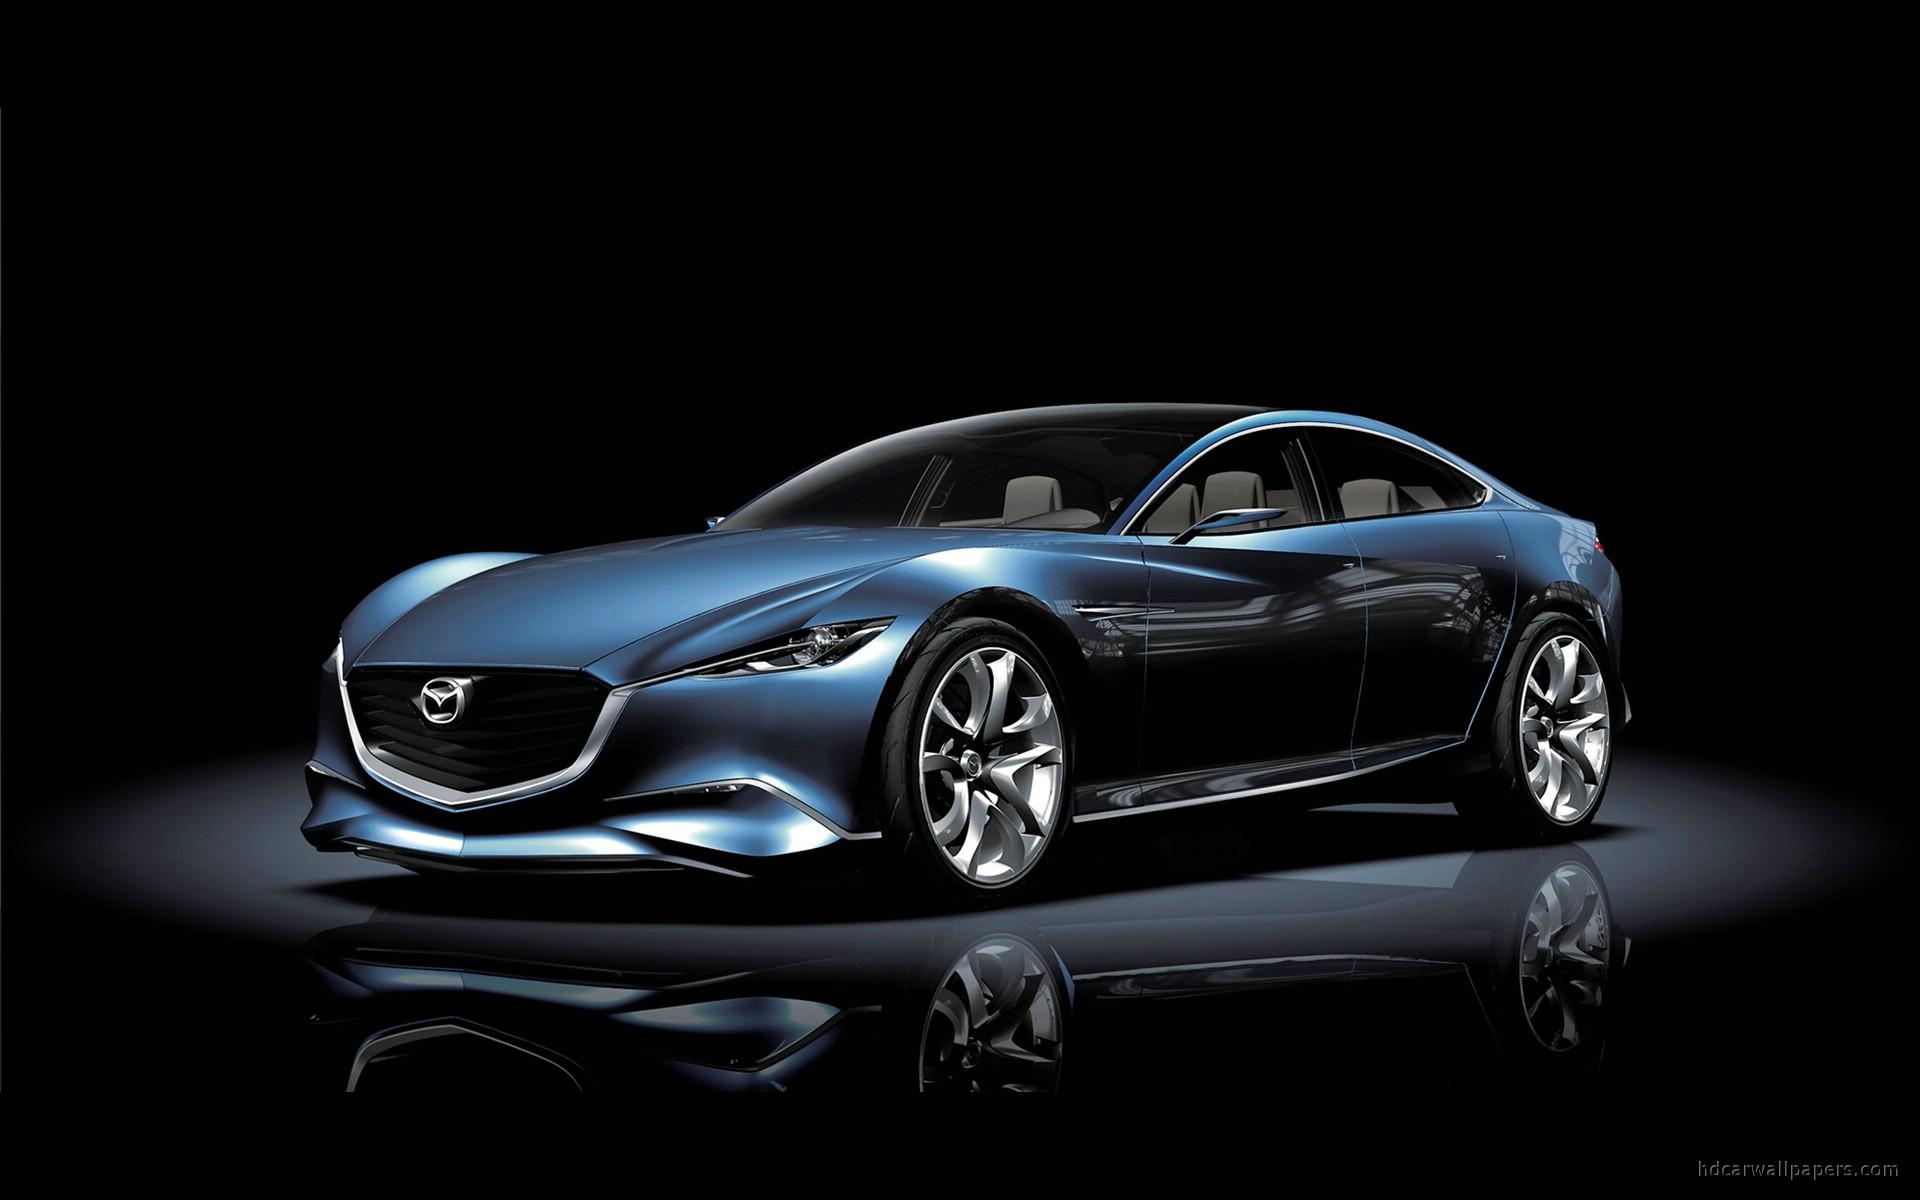 Design Concepts Wallpaper : Mazda shinari concept wallpaper hd car wallpapers